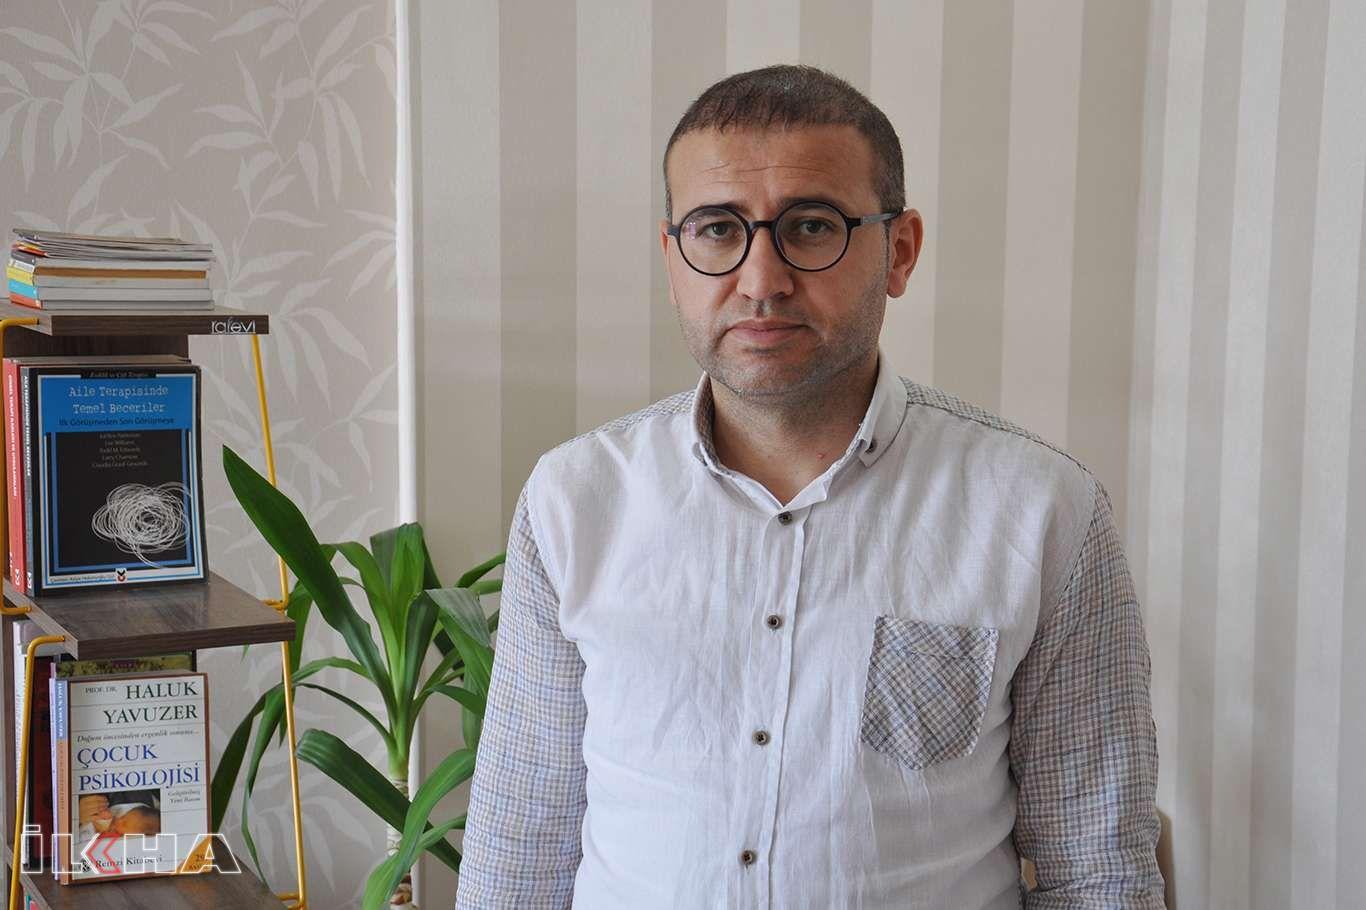 Psikolog Atalay alkol kullanımının oluşturduğu tahribata dikkat çekti